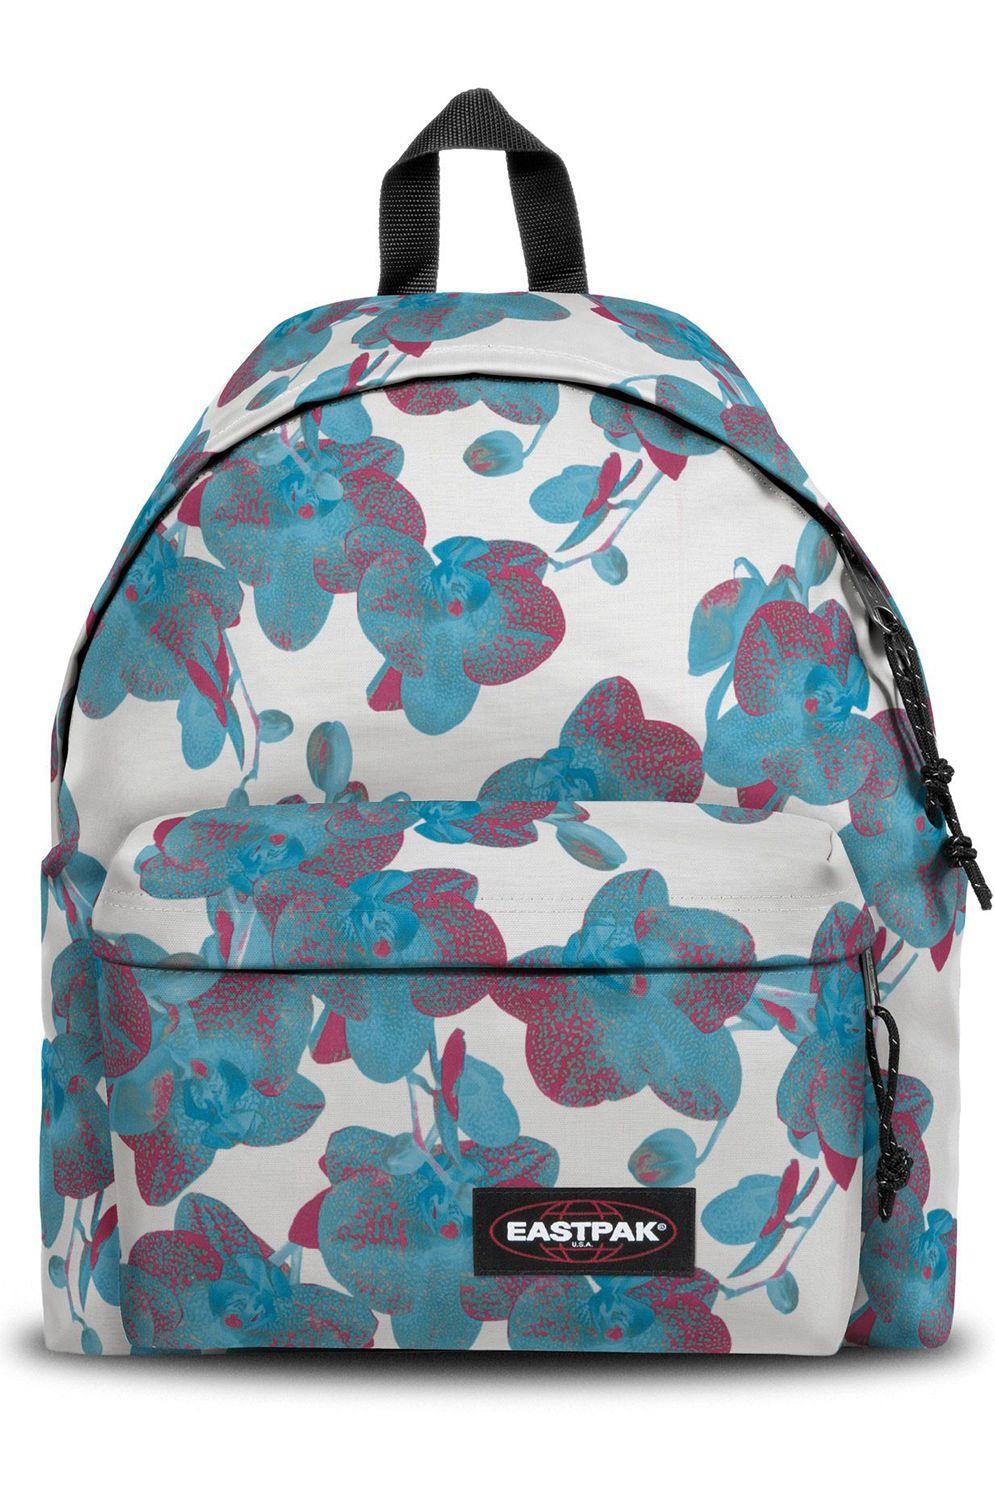 Eastpak Backpack PADDED PAK'R Charming White